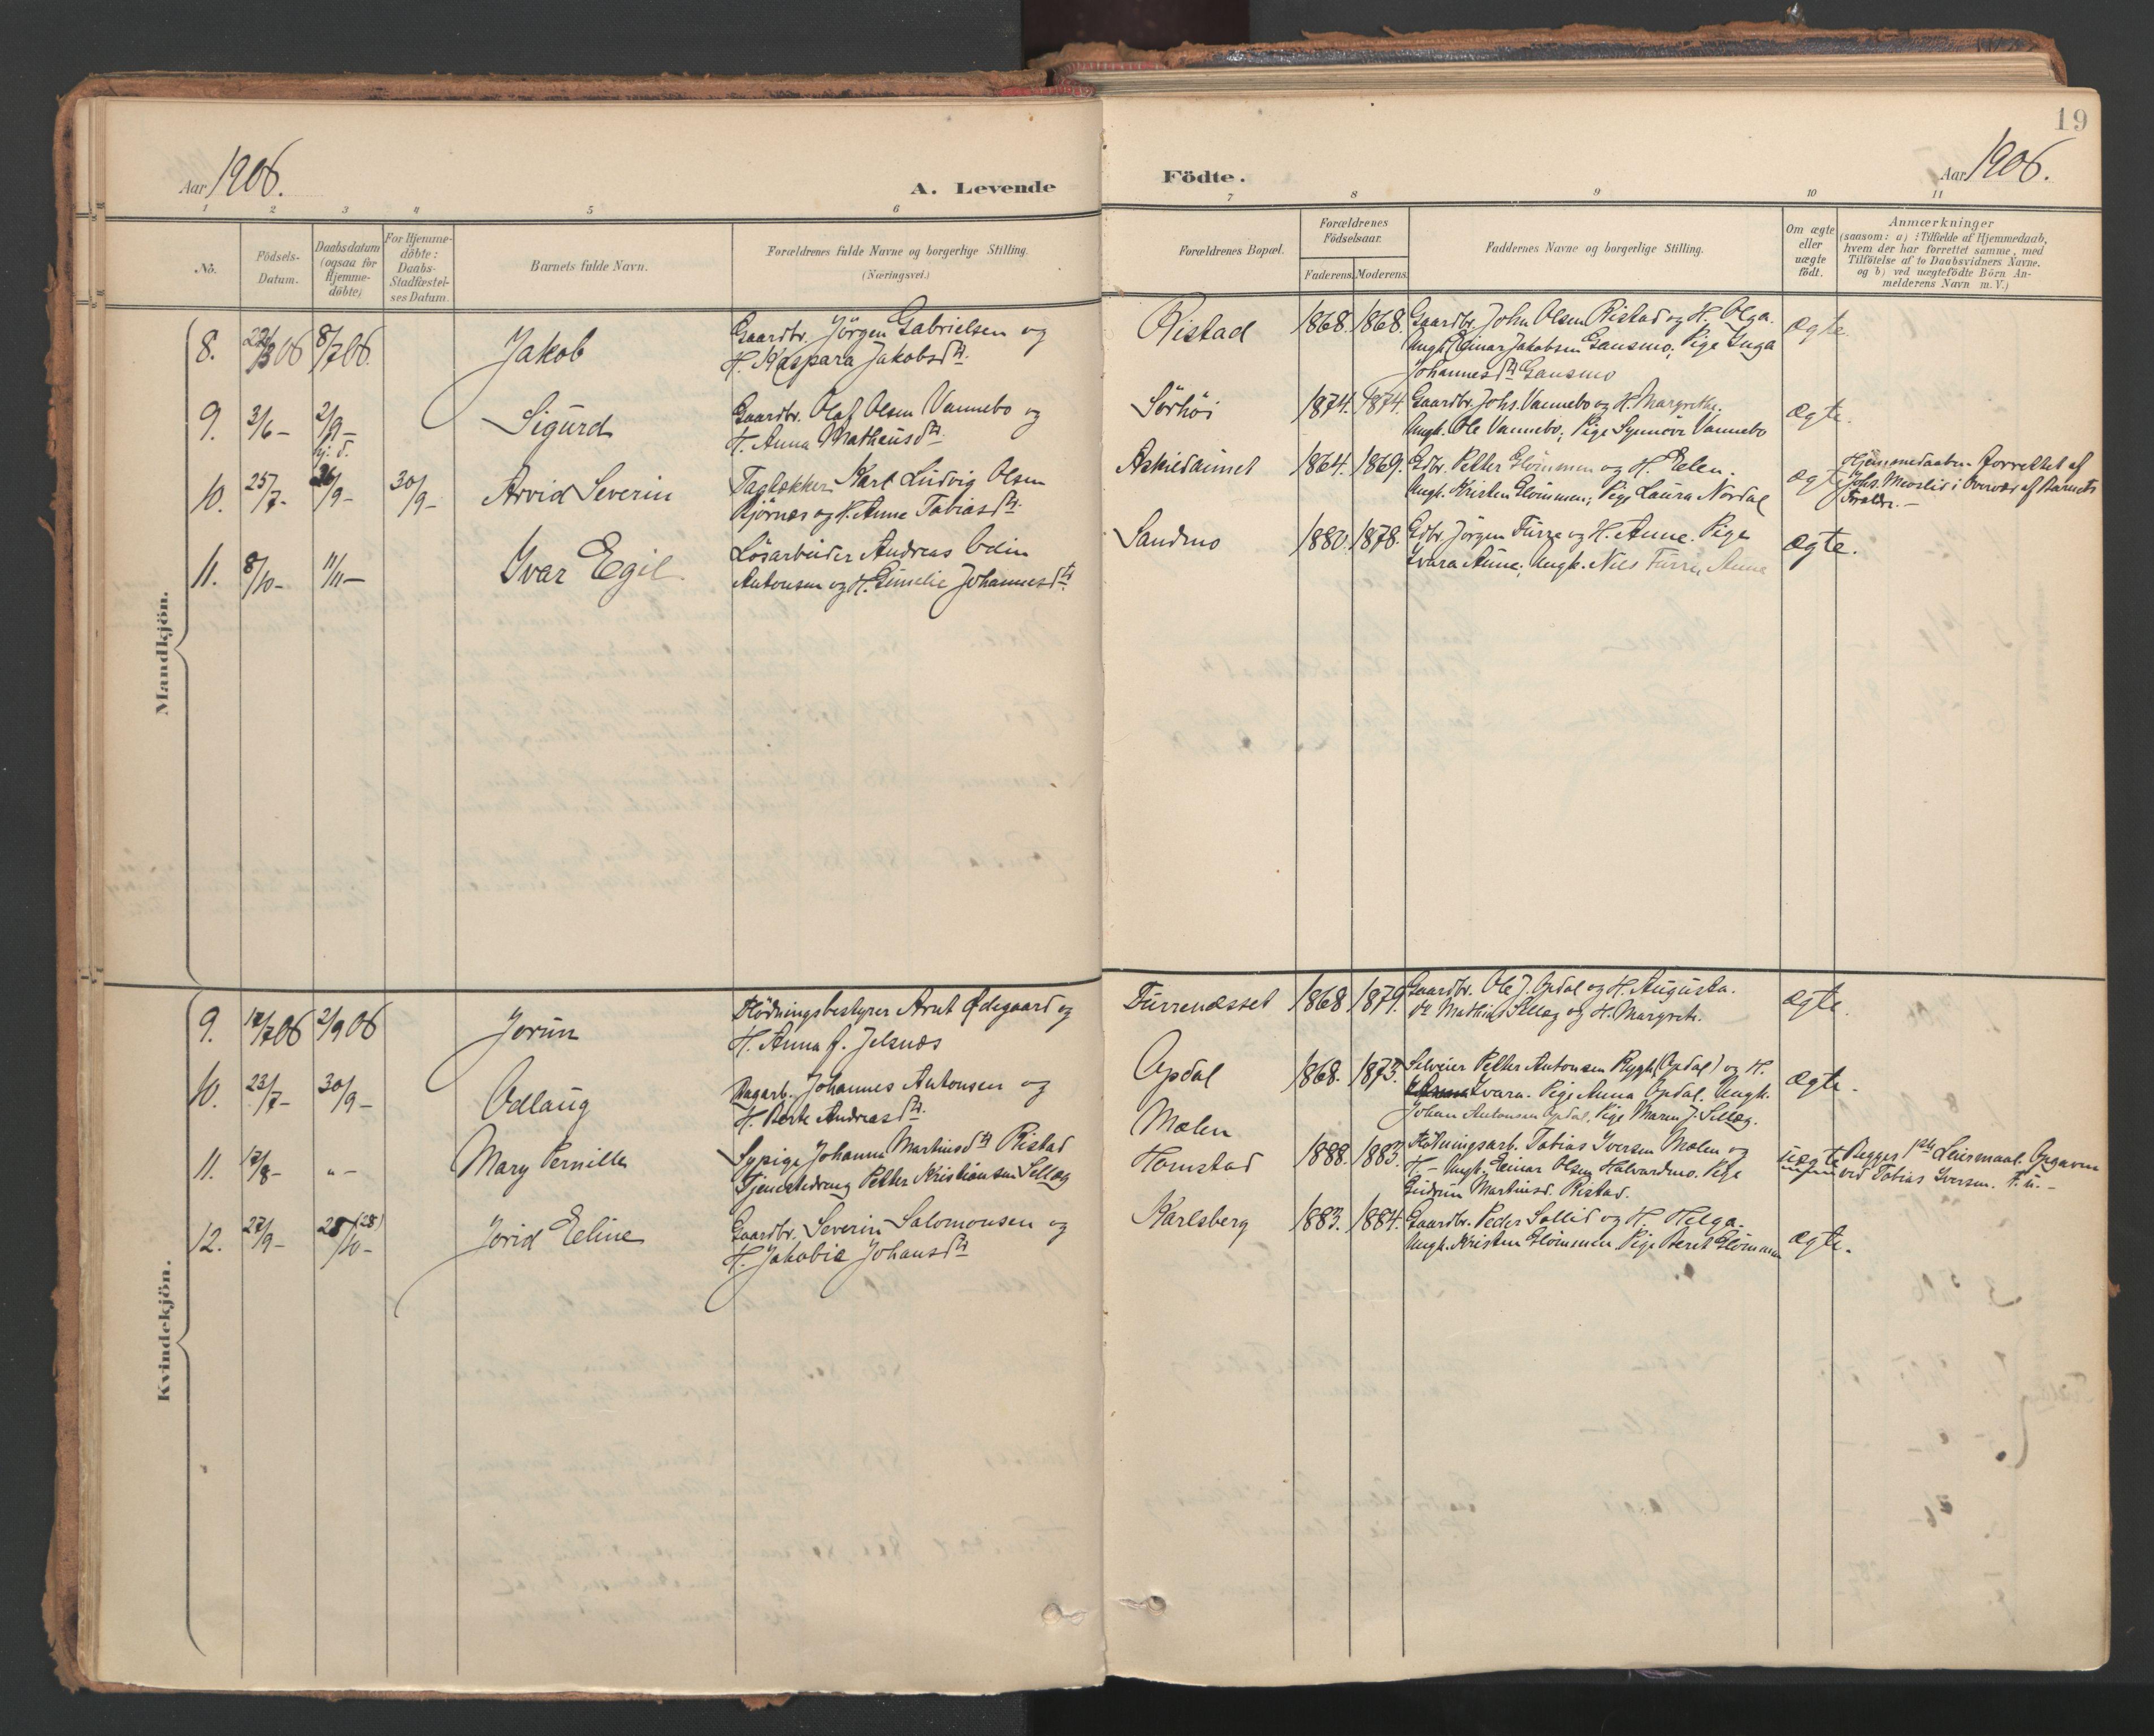 SAT, Ministerialprotokoller, klokkerbøker og fødselsregistre - Nord-Trøndelag, 766/L0564: Ministerialbok nr. 767A02, 1900-1932, s. 19